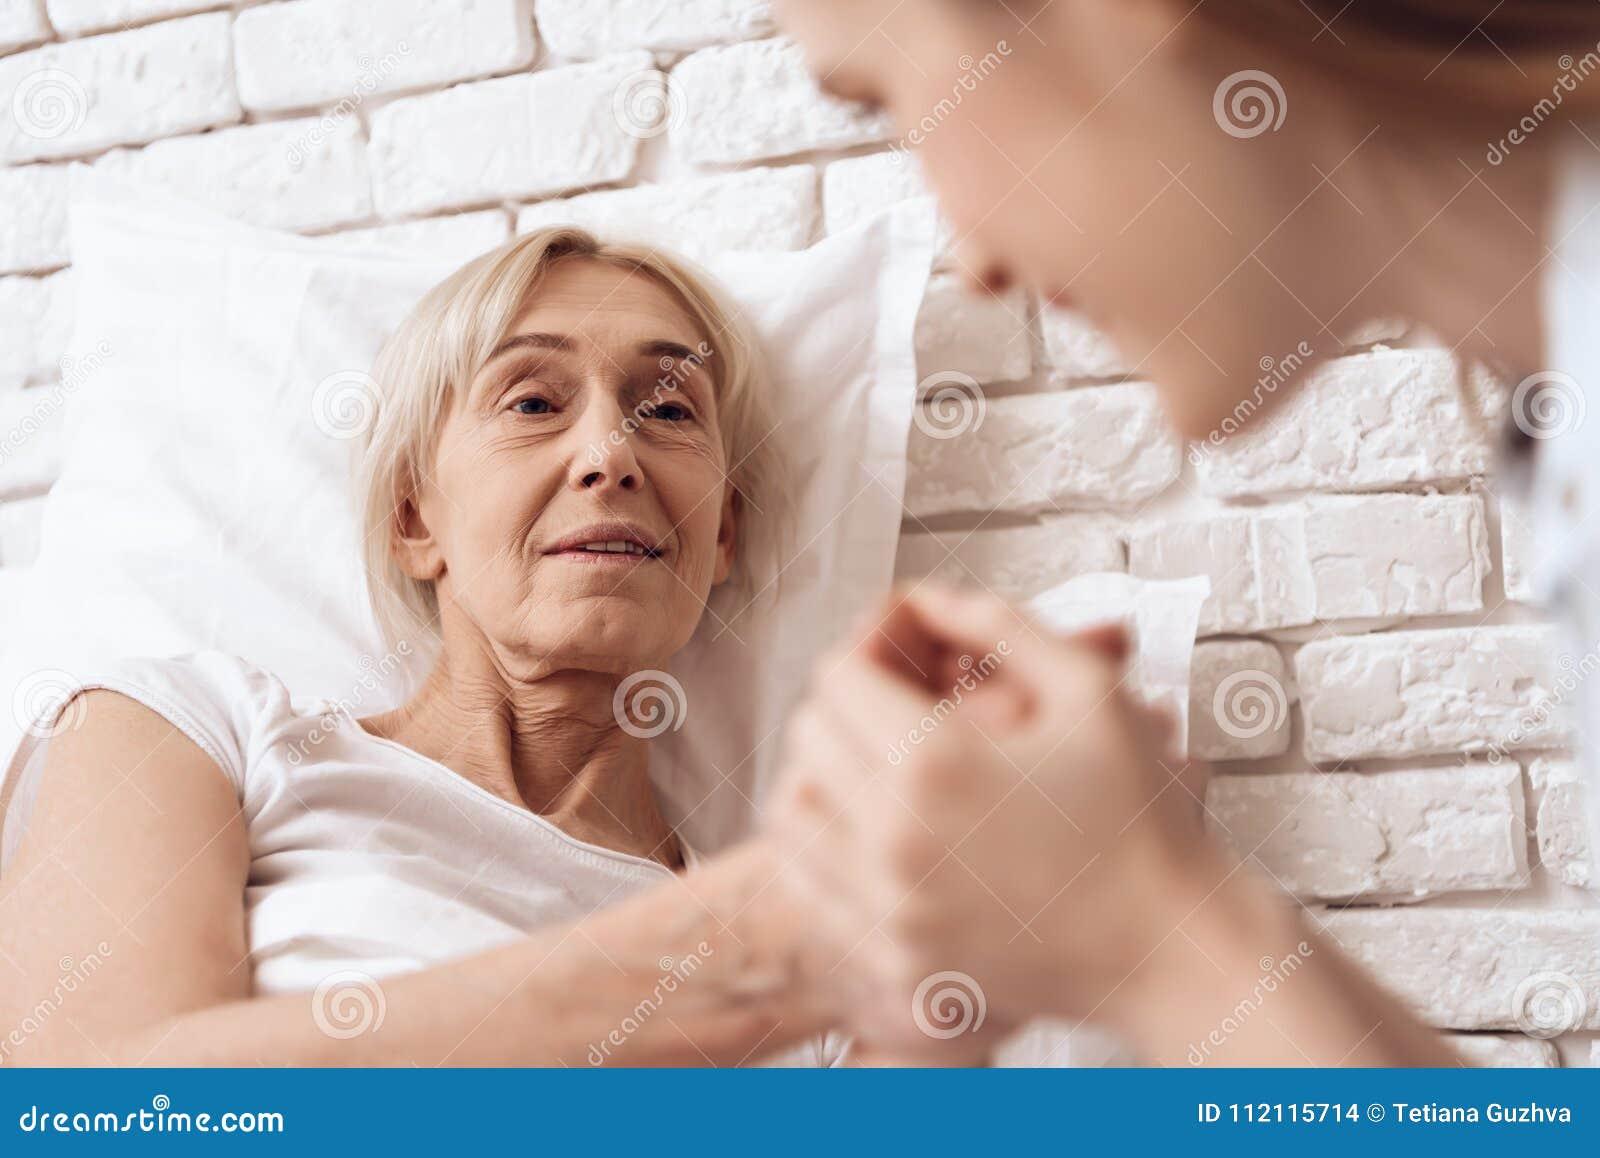 Девушка нянчит пожилую женщину дома Они держат руки, счастливые